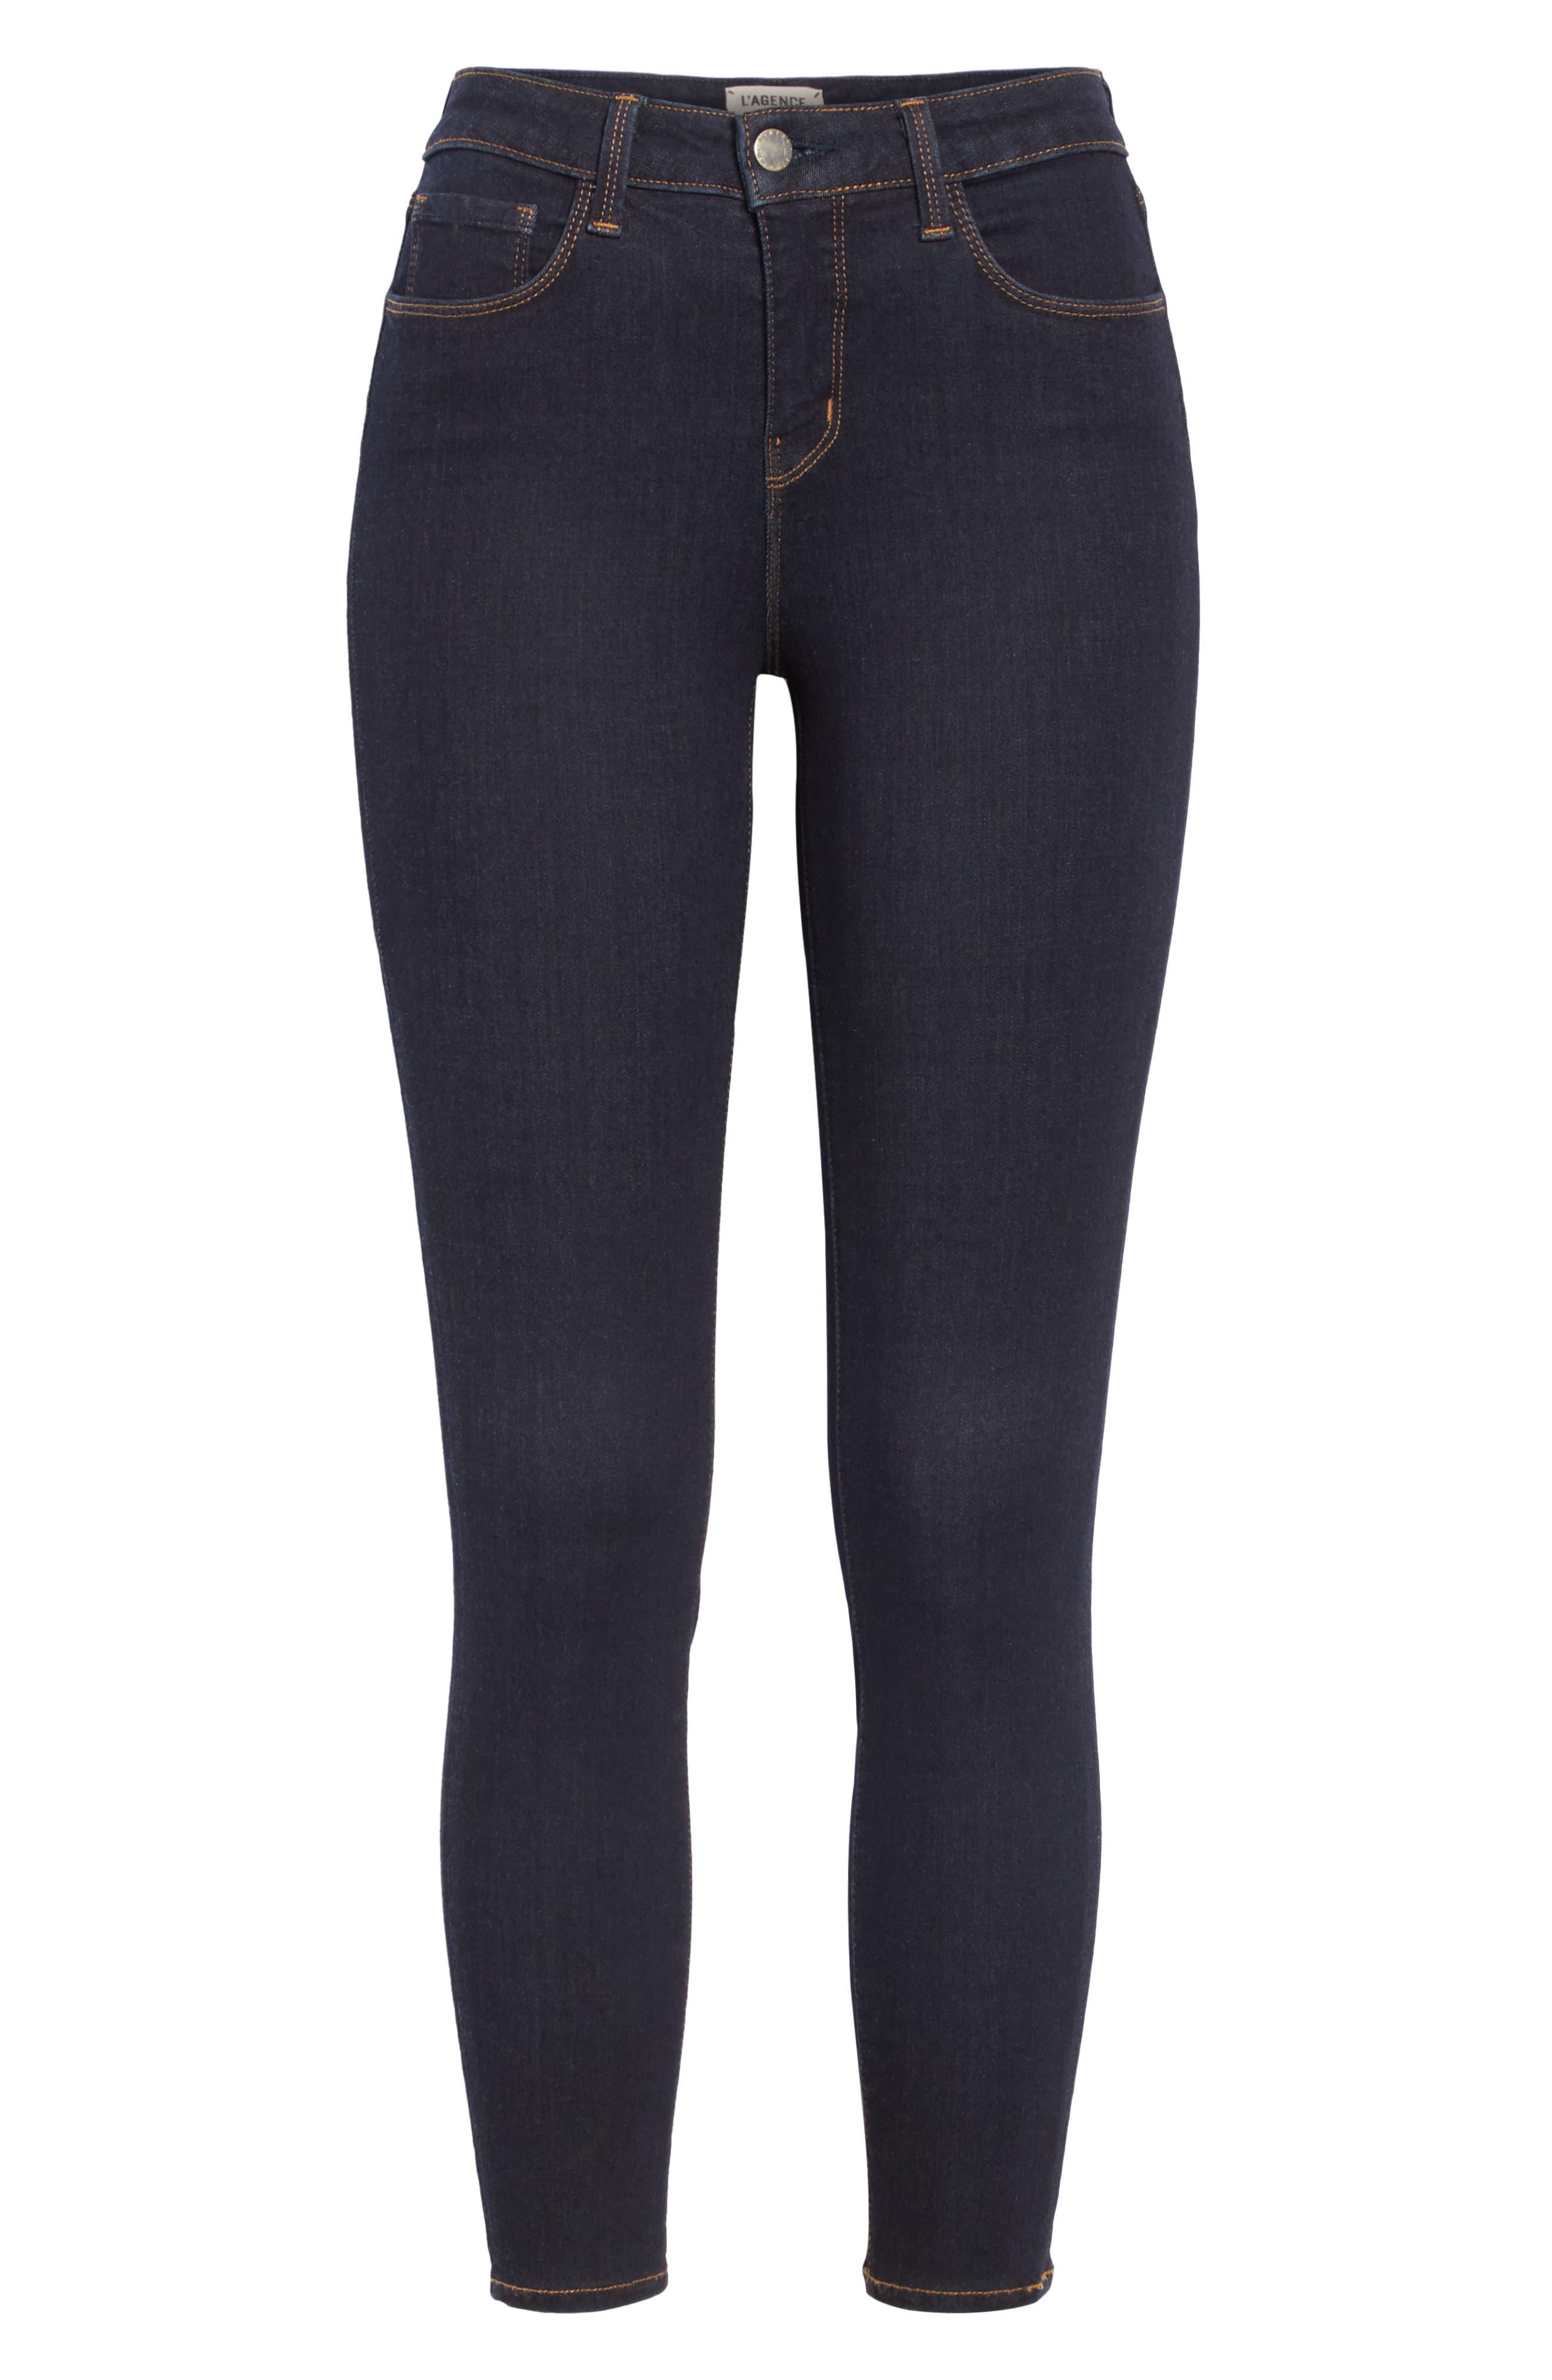 Margot High Waist Crop Jeans,                             Alternate thumbnail 7, color,                             MIDNIGHT